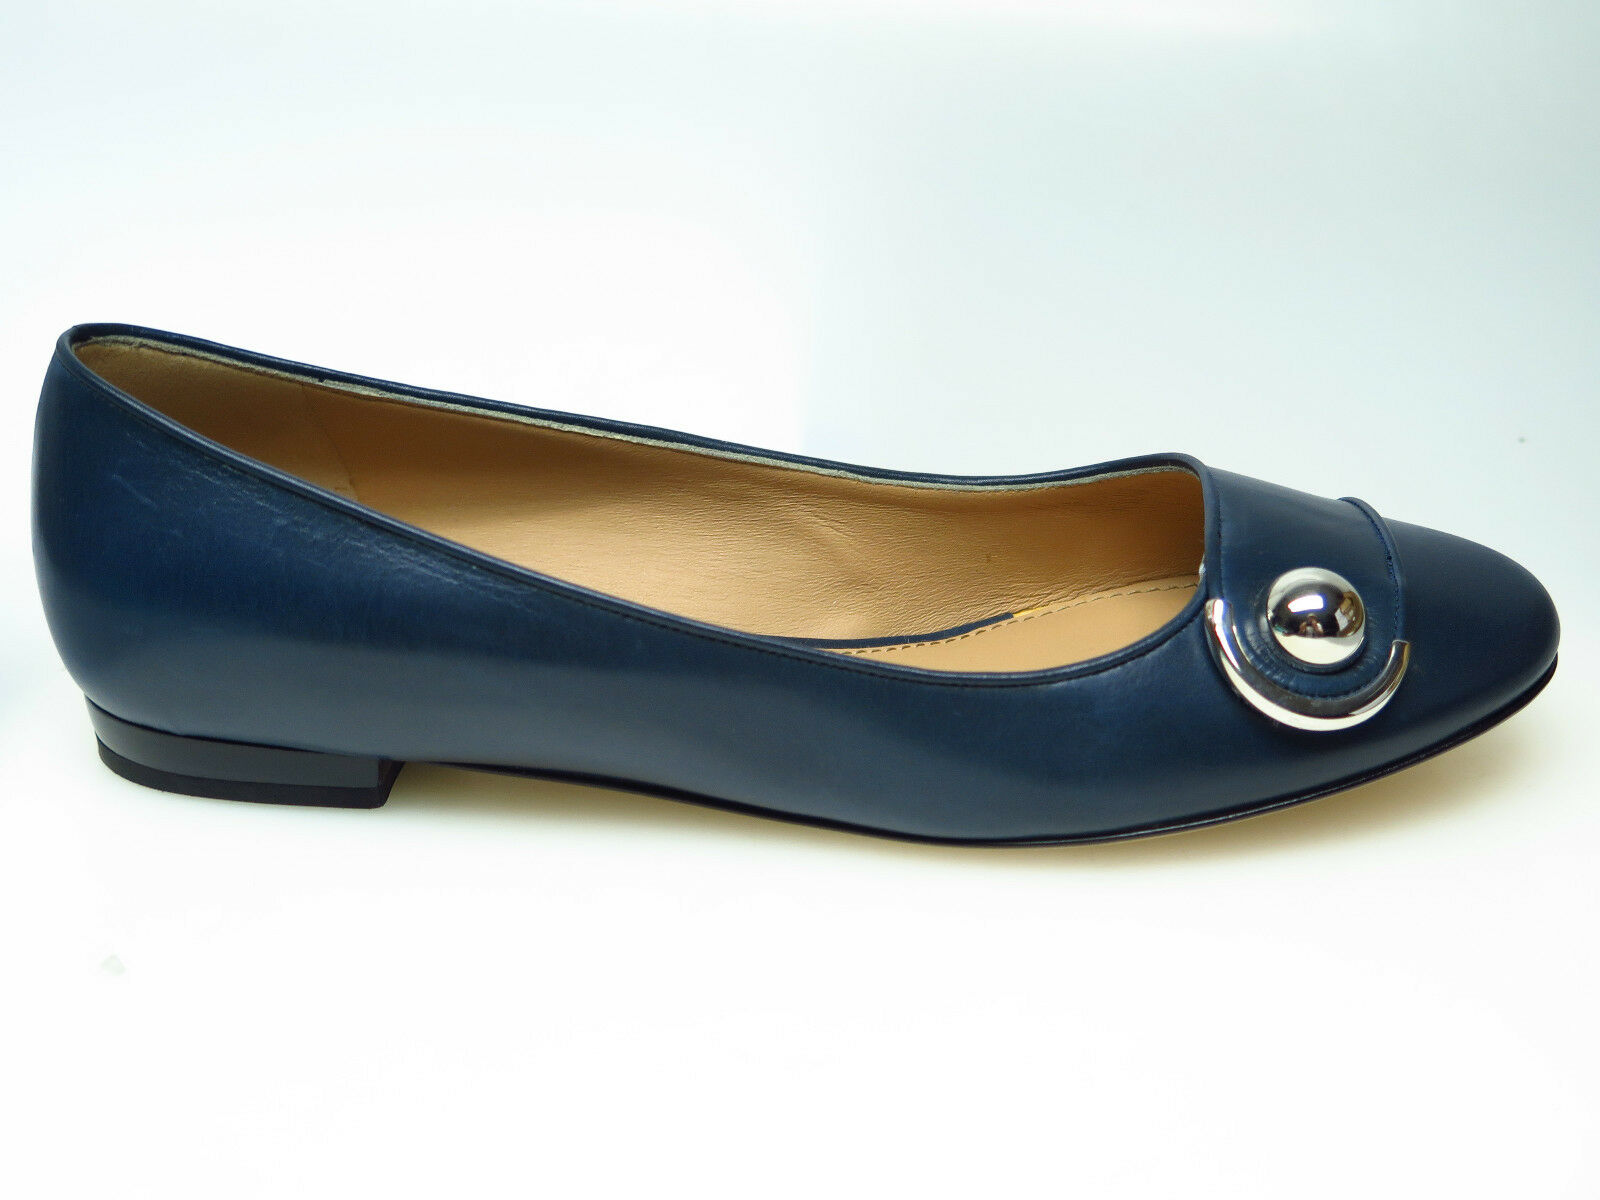 SALVATORE FERRAGAMO Schuhe Designer Damenschuhe Pemba 1cm US 7 EU EU 7 37 NEU cbfeb6